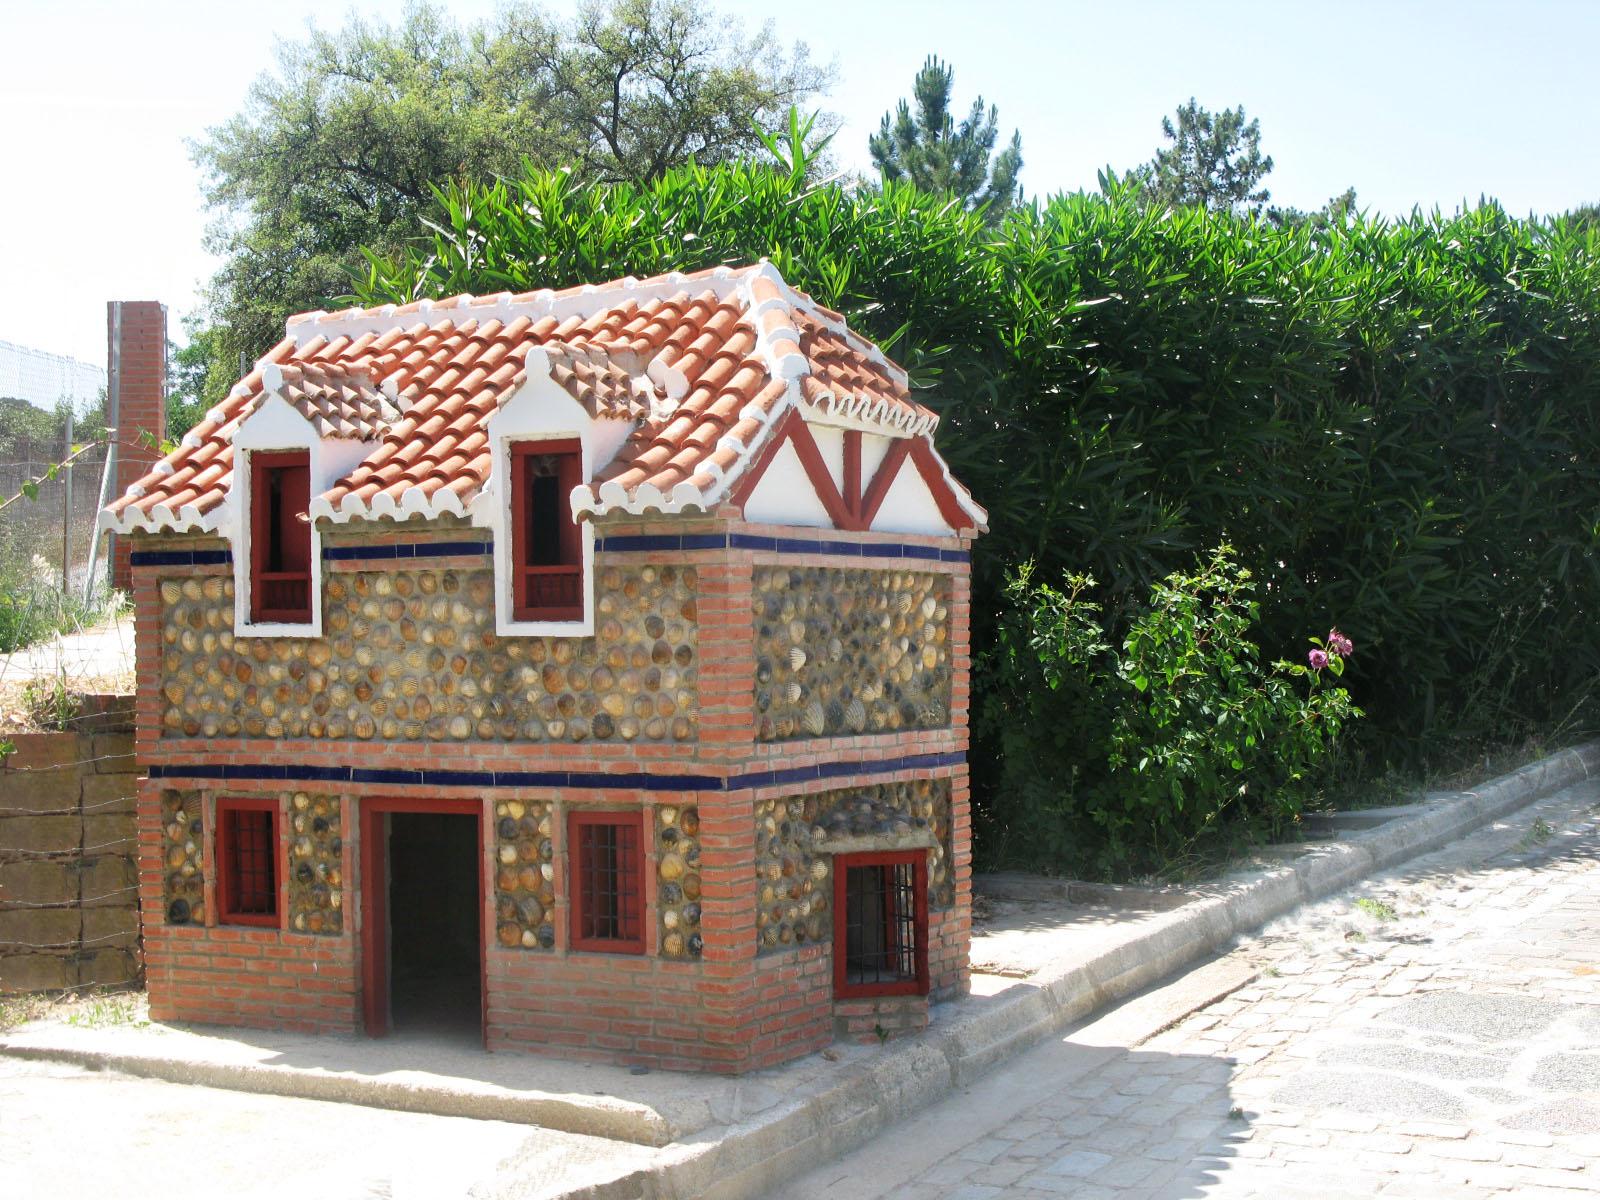 Casa de perro estilo ingl s parque miniaturas - Casas en ingles ...